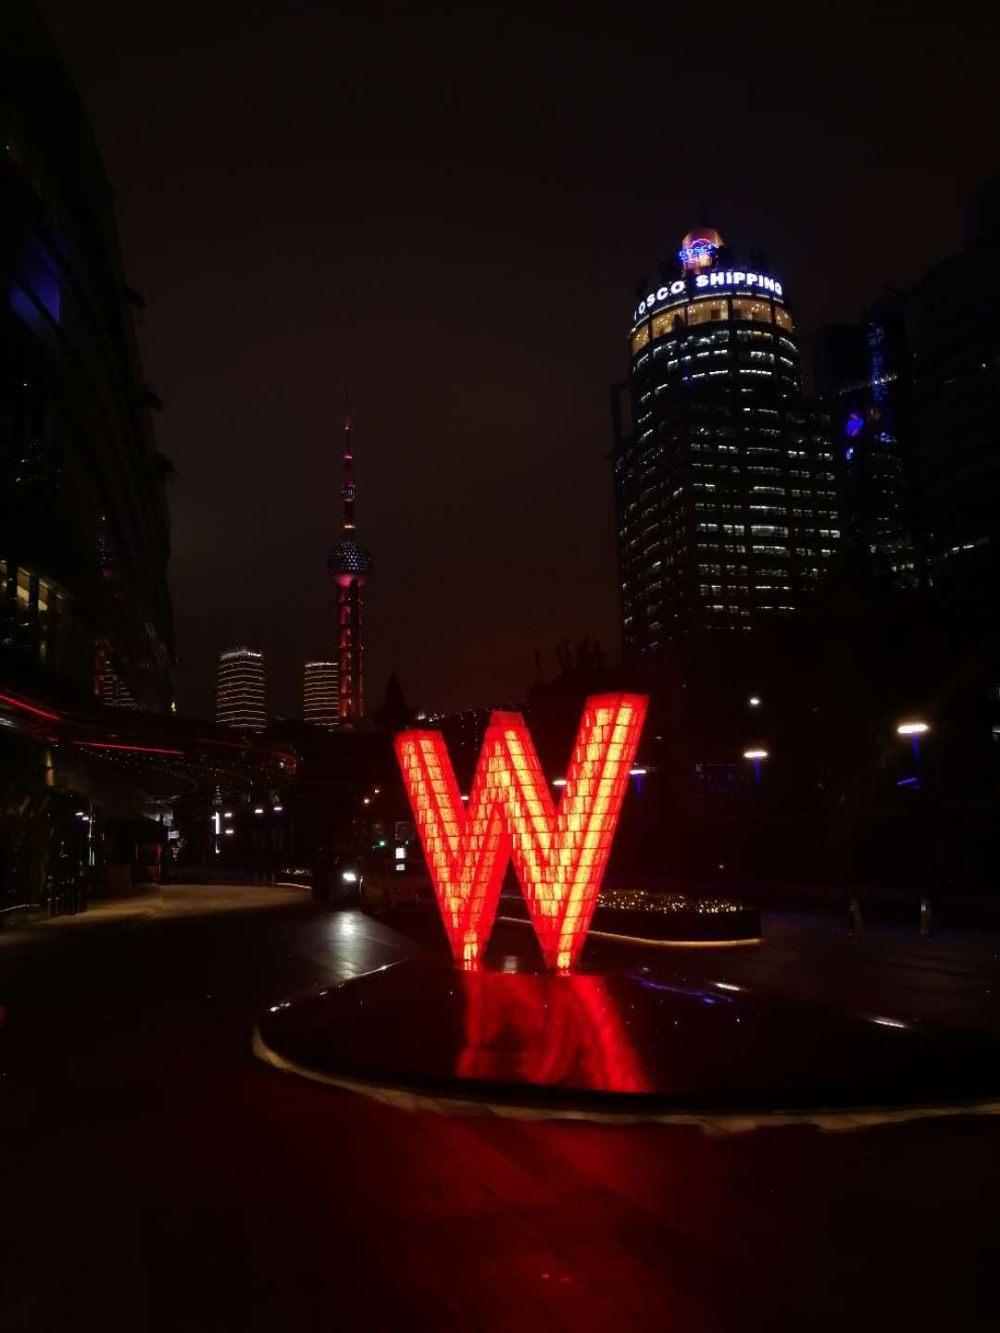 上海外滩W酒店,史上最全入住体验 自拍分享,申请置...._IMG_5951.JPG